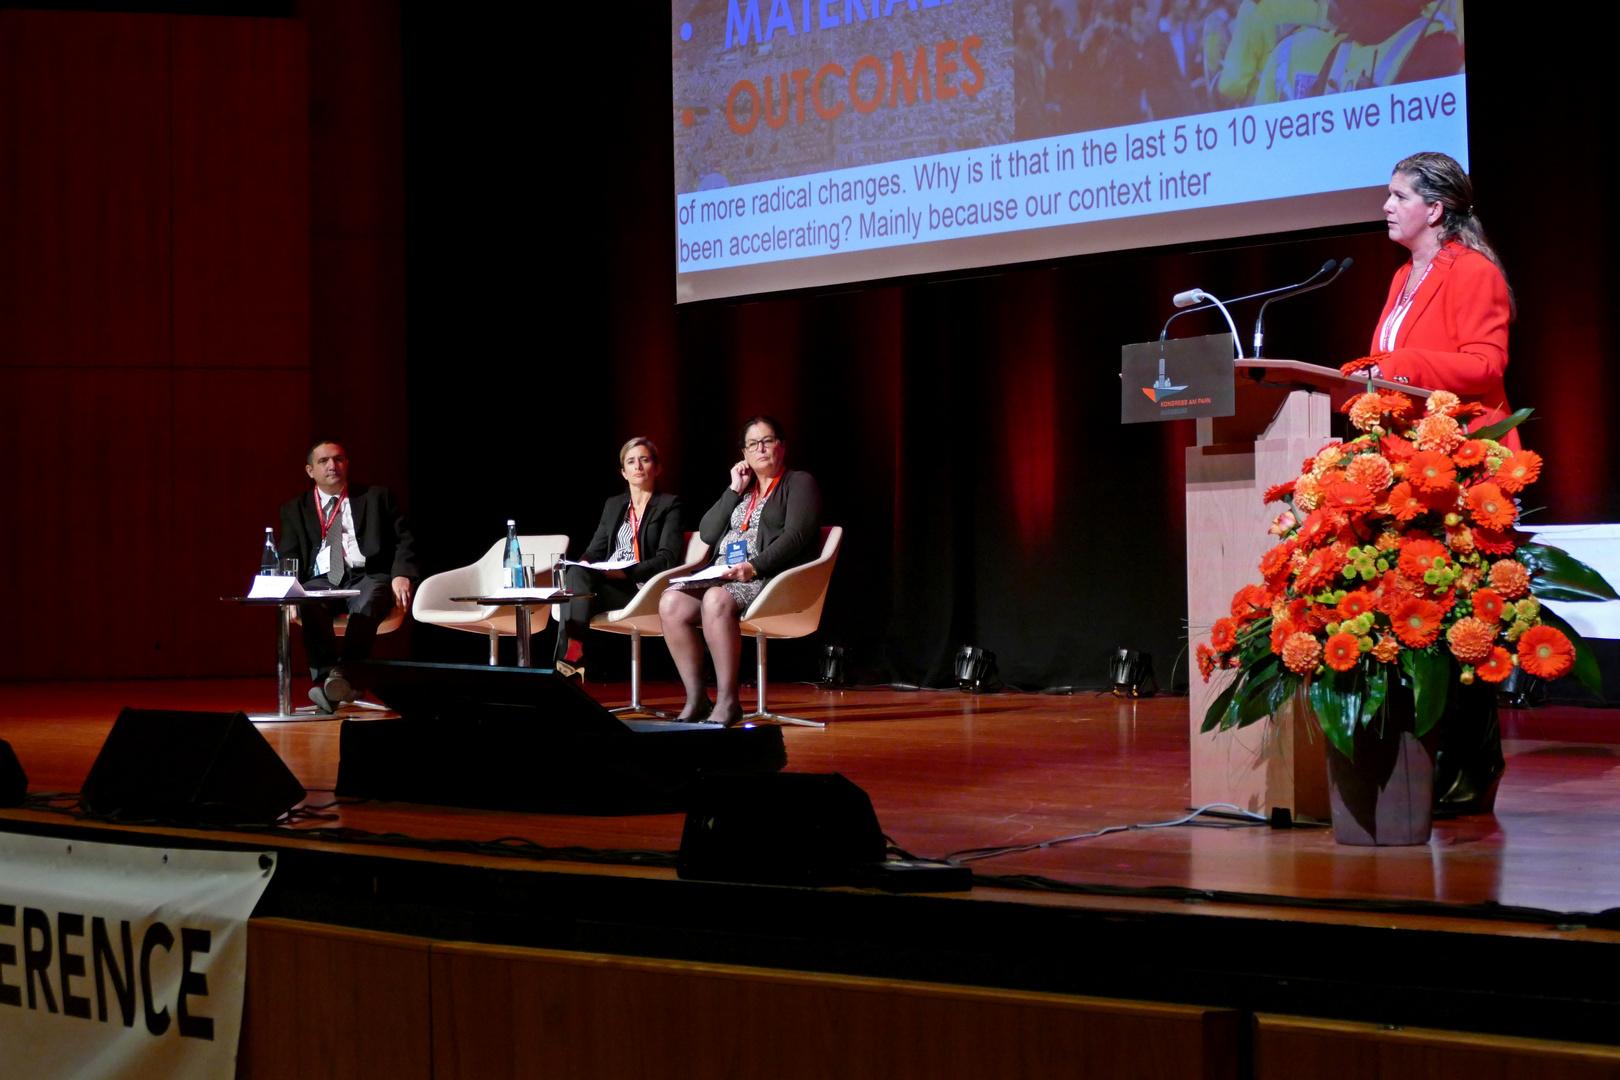 25. IAVE Welt-Freiwilligenkonferenz 2018 in Augsburg - Deutschland - 19.10.2018 Kongress am Park Foren und Foyer - Foto: Christoph Urban - Freiwilligen-Zentrum Augsburg